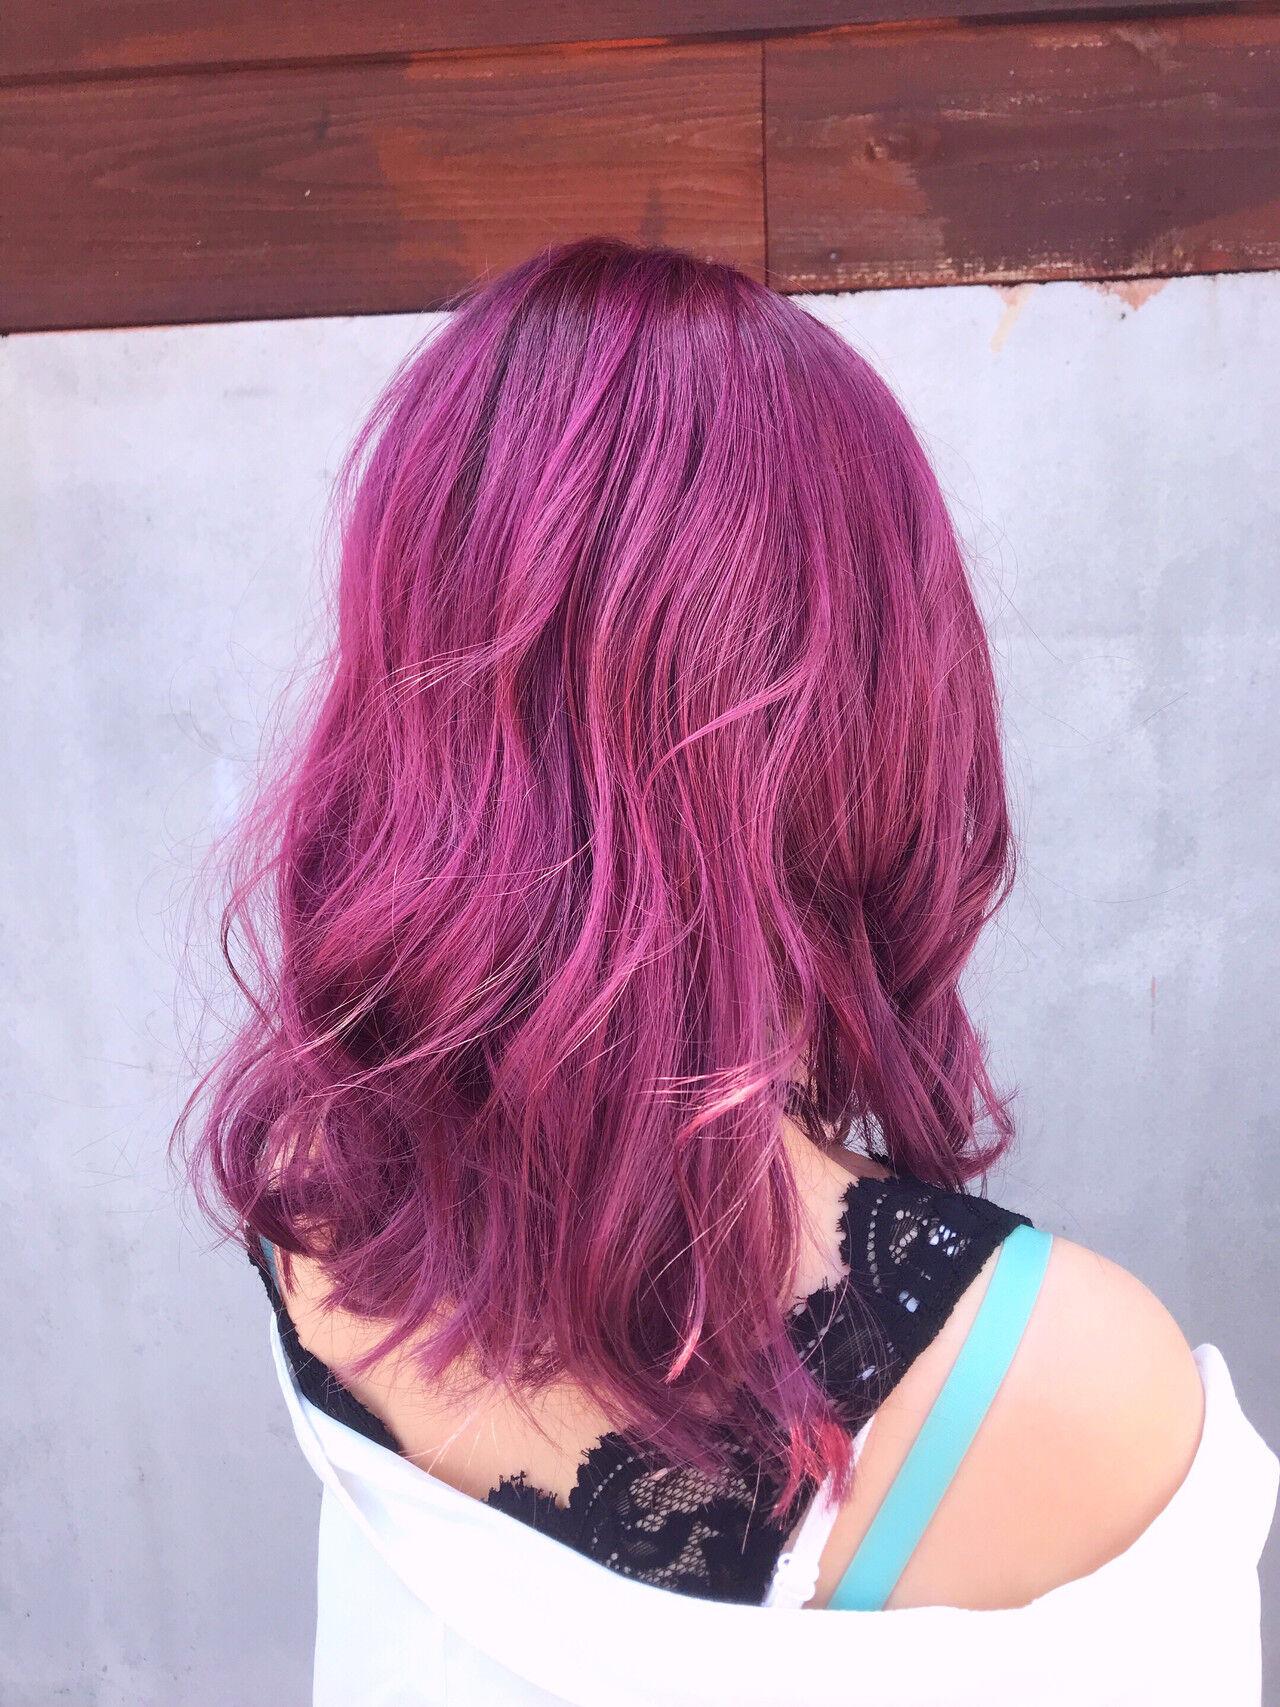 ラズベリーピンク ストリート ミディアム ピンクラベンダーヘアスタイルや髪型の写真・画像